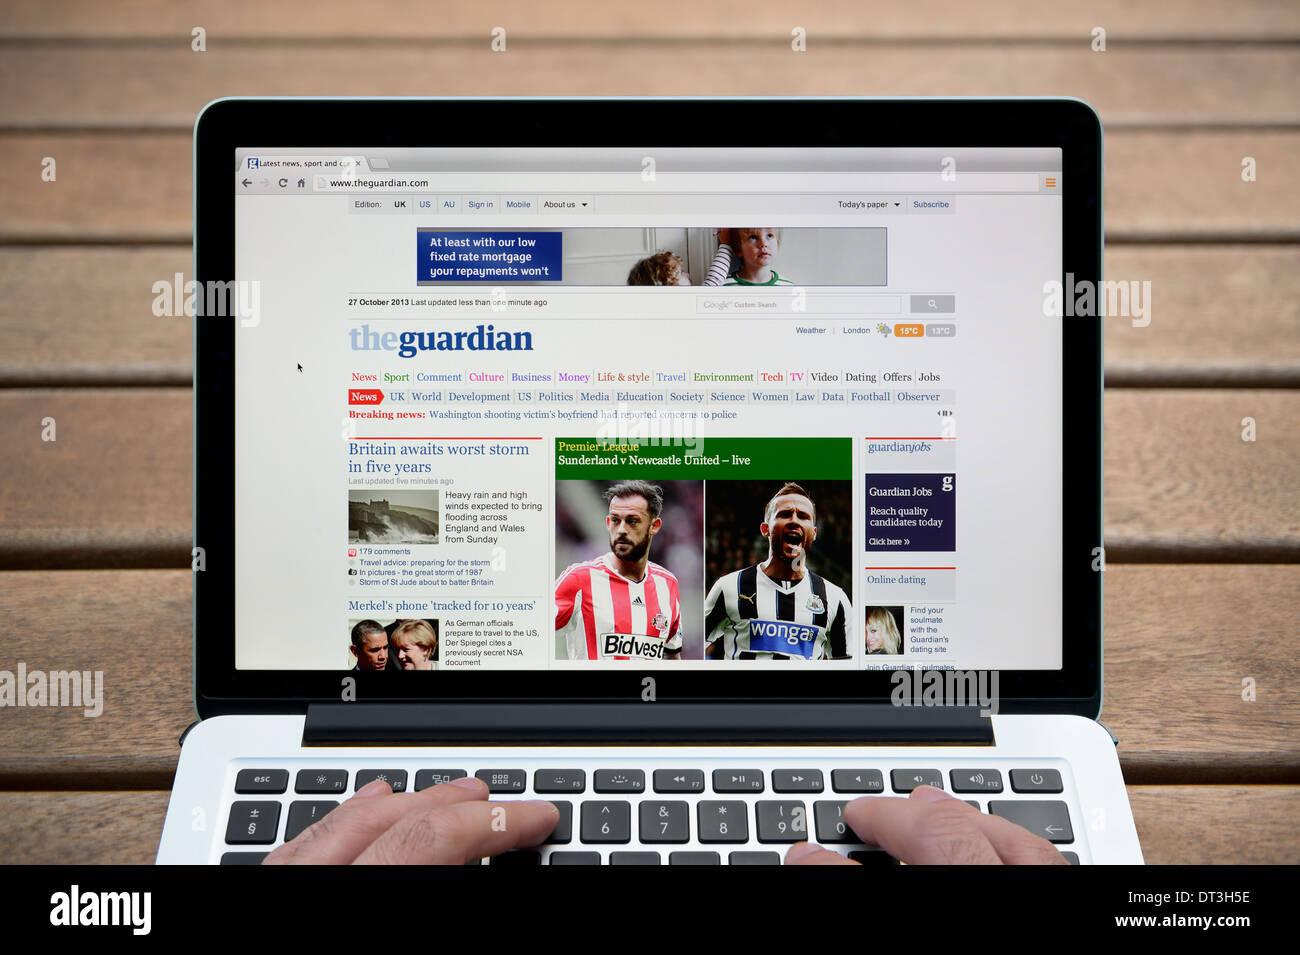 Le gardien site sur un MacBook contre un banc en bois fond de plein air y compris les doigts d'un homme (usage éditorial uniquement). Photo Stock